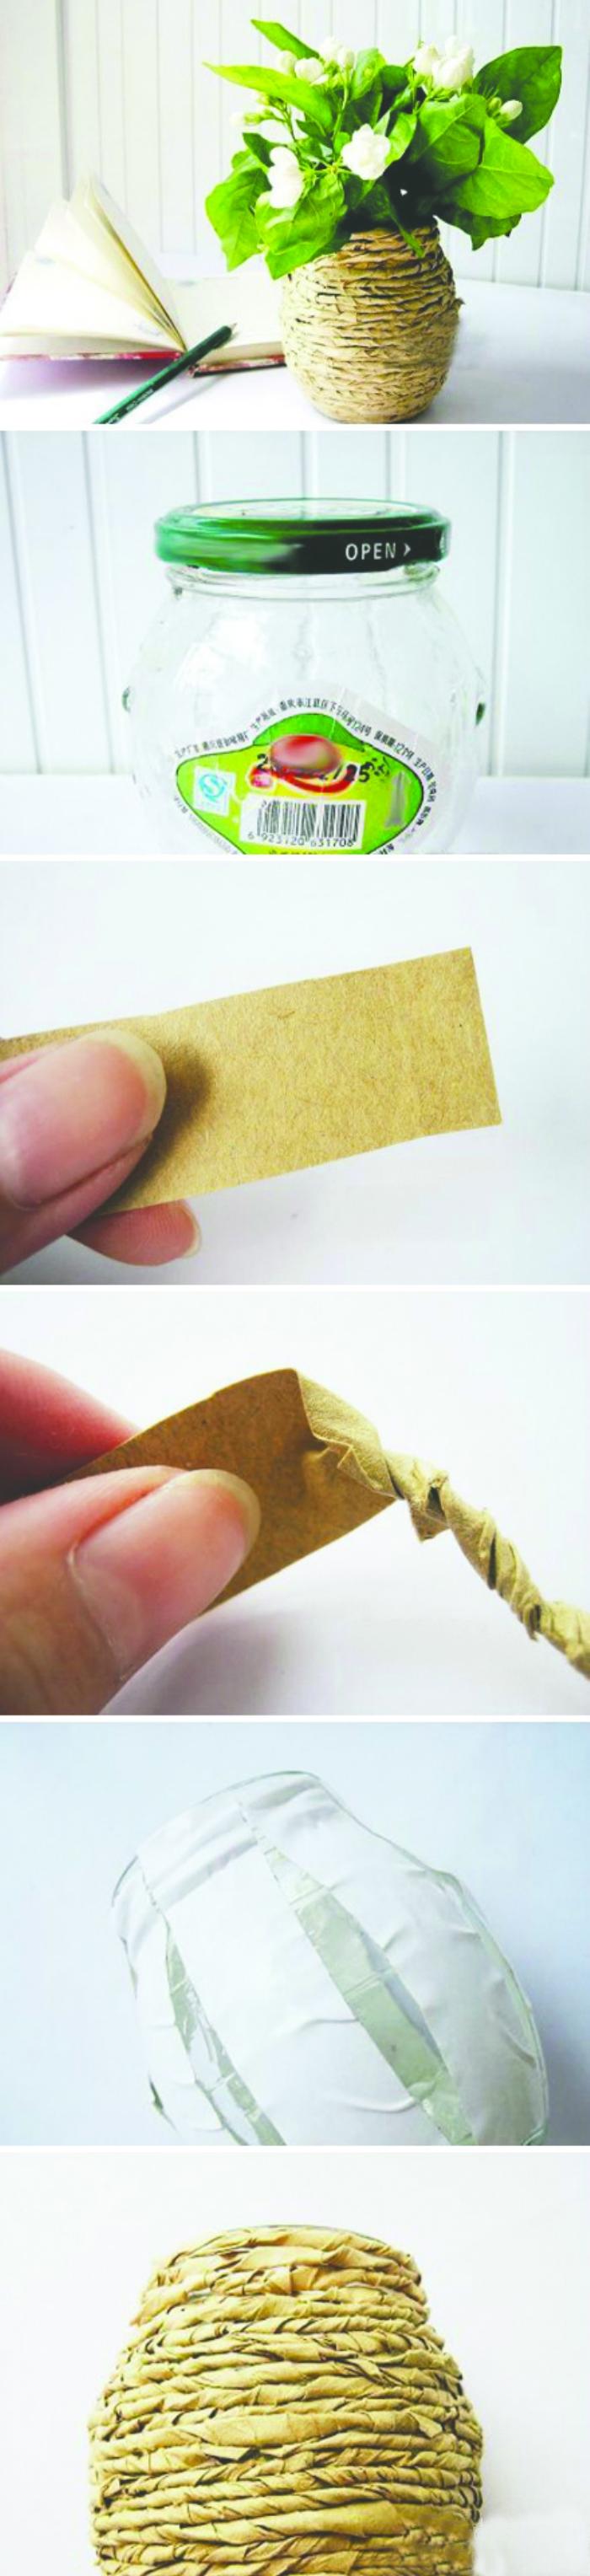 纸花瓶折纸步骤图解